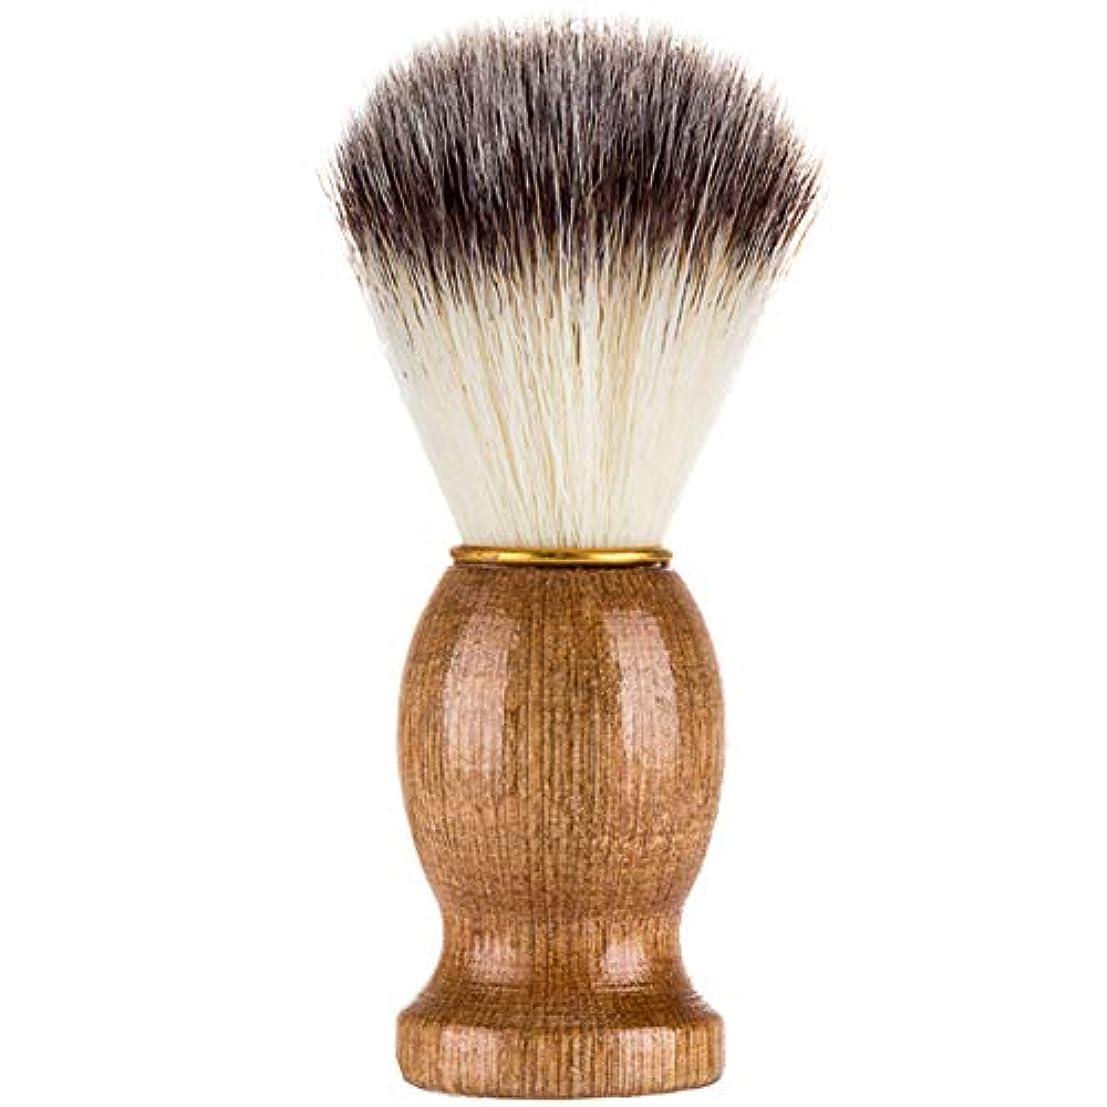 私達コールド国Profeel シェービングブラシ、シェービングブラシ、男性シェービングブラシシェービングかみそりブラシサロン理髪店用ツールひげ剃り用品